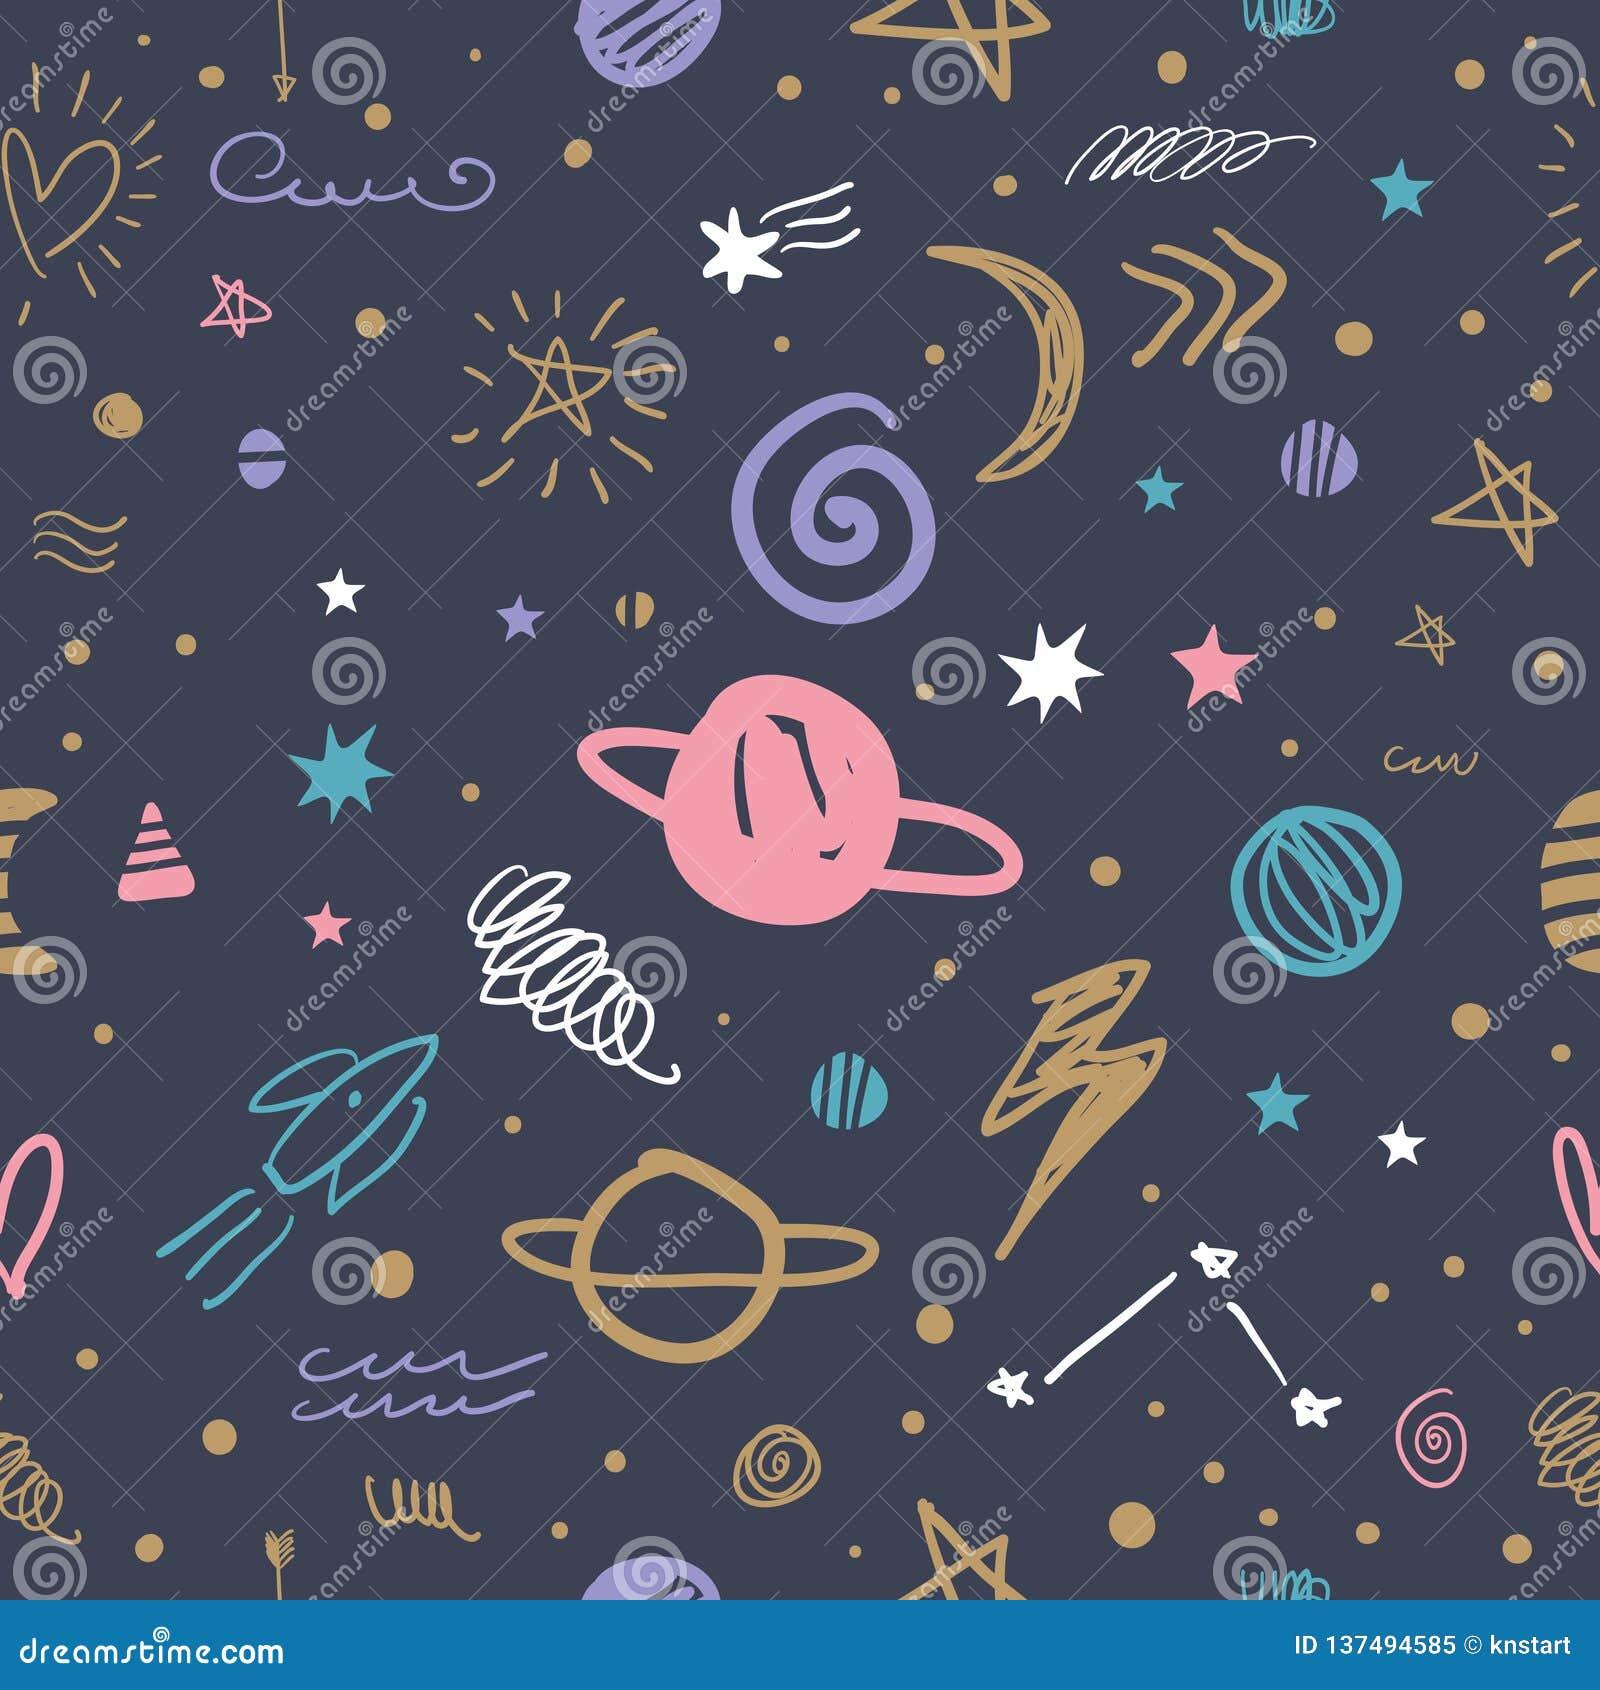 Teste Padrao Bonito Da Galaxia Do Espaco Dos Desenhos Animados Do